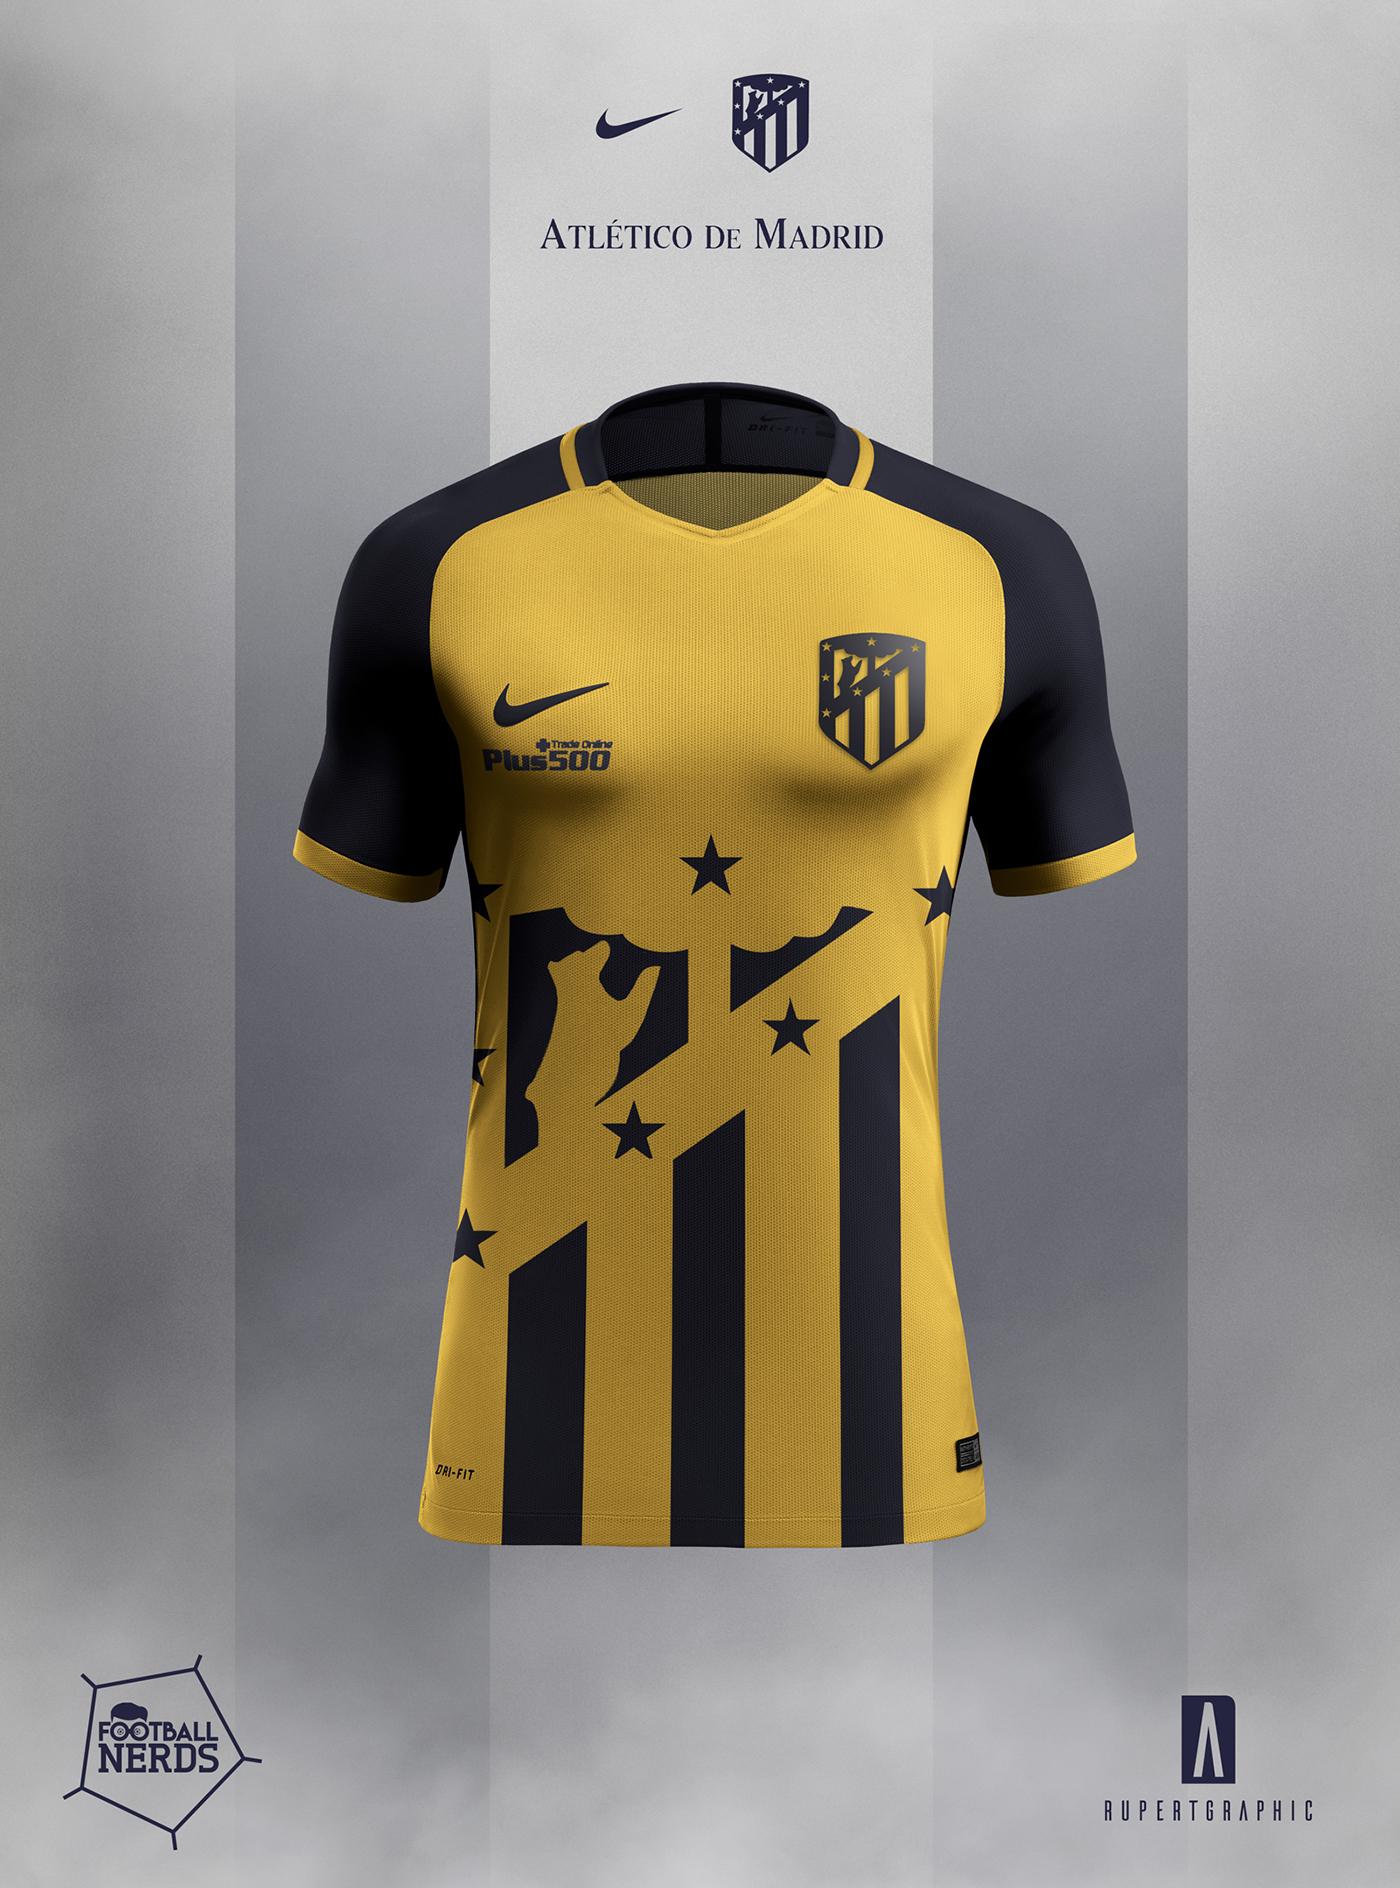 54d027856 Atletico de Madrid 2017 18 Concept - Nike on Behance